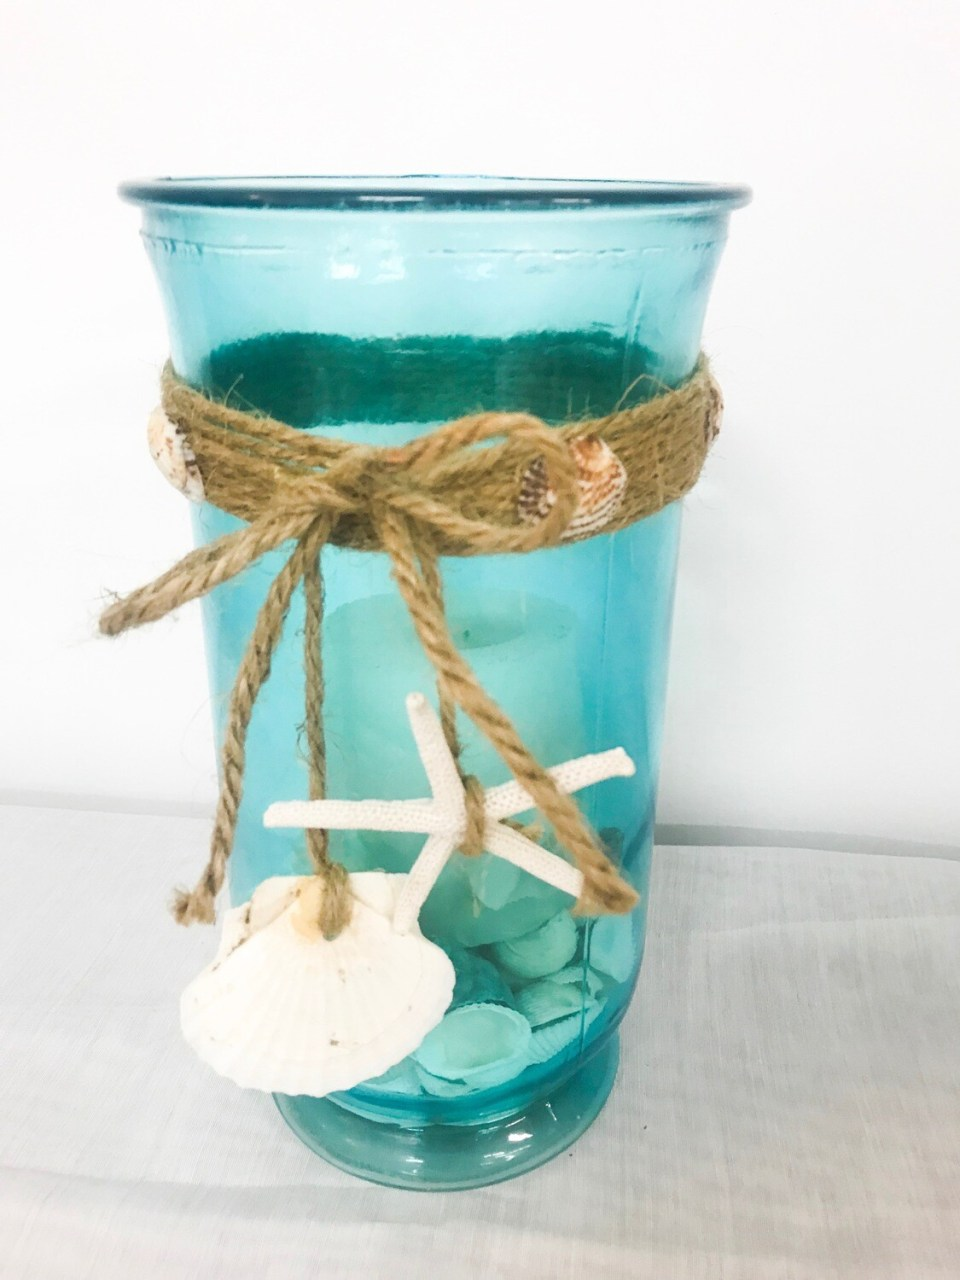 Blue Glass w/Twine & Shells 10